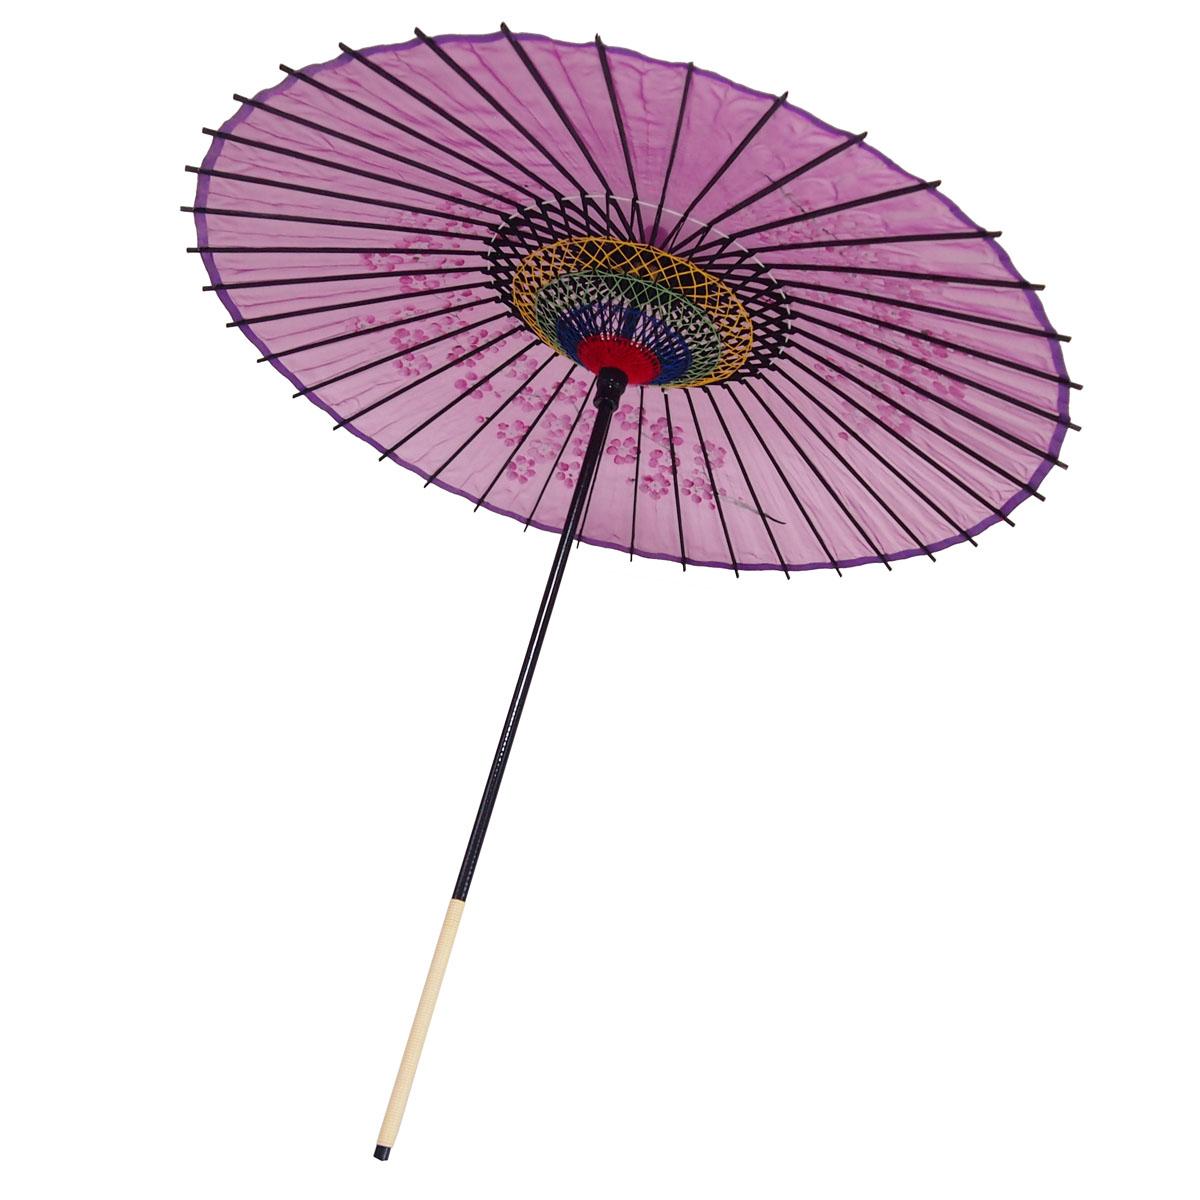 絹傘 桜絵 赤紫